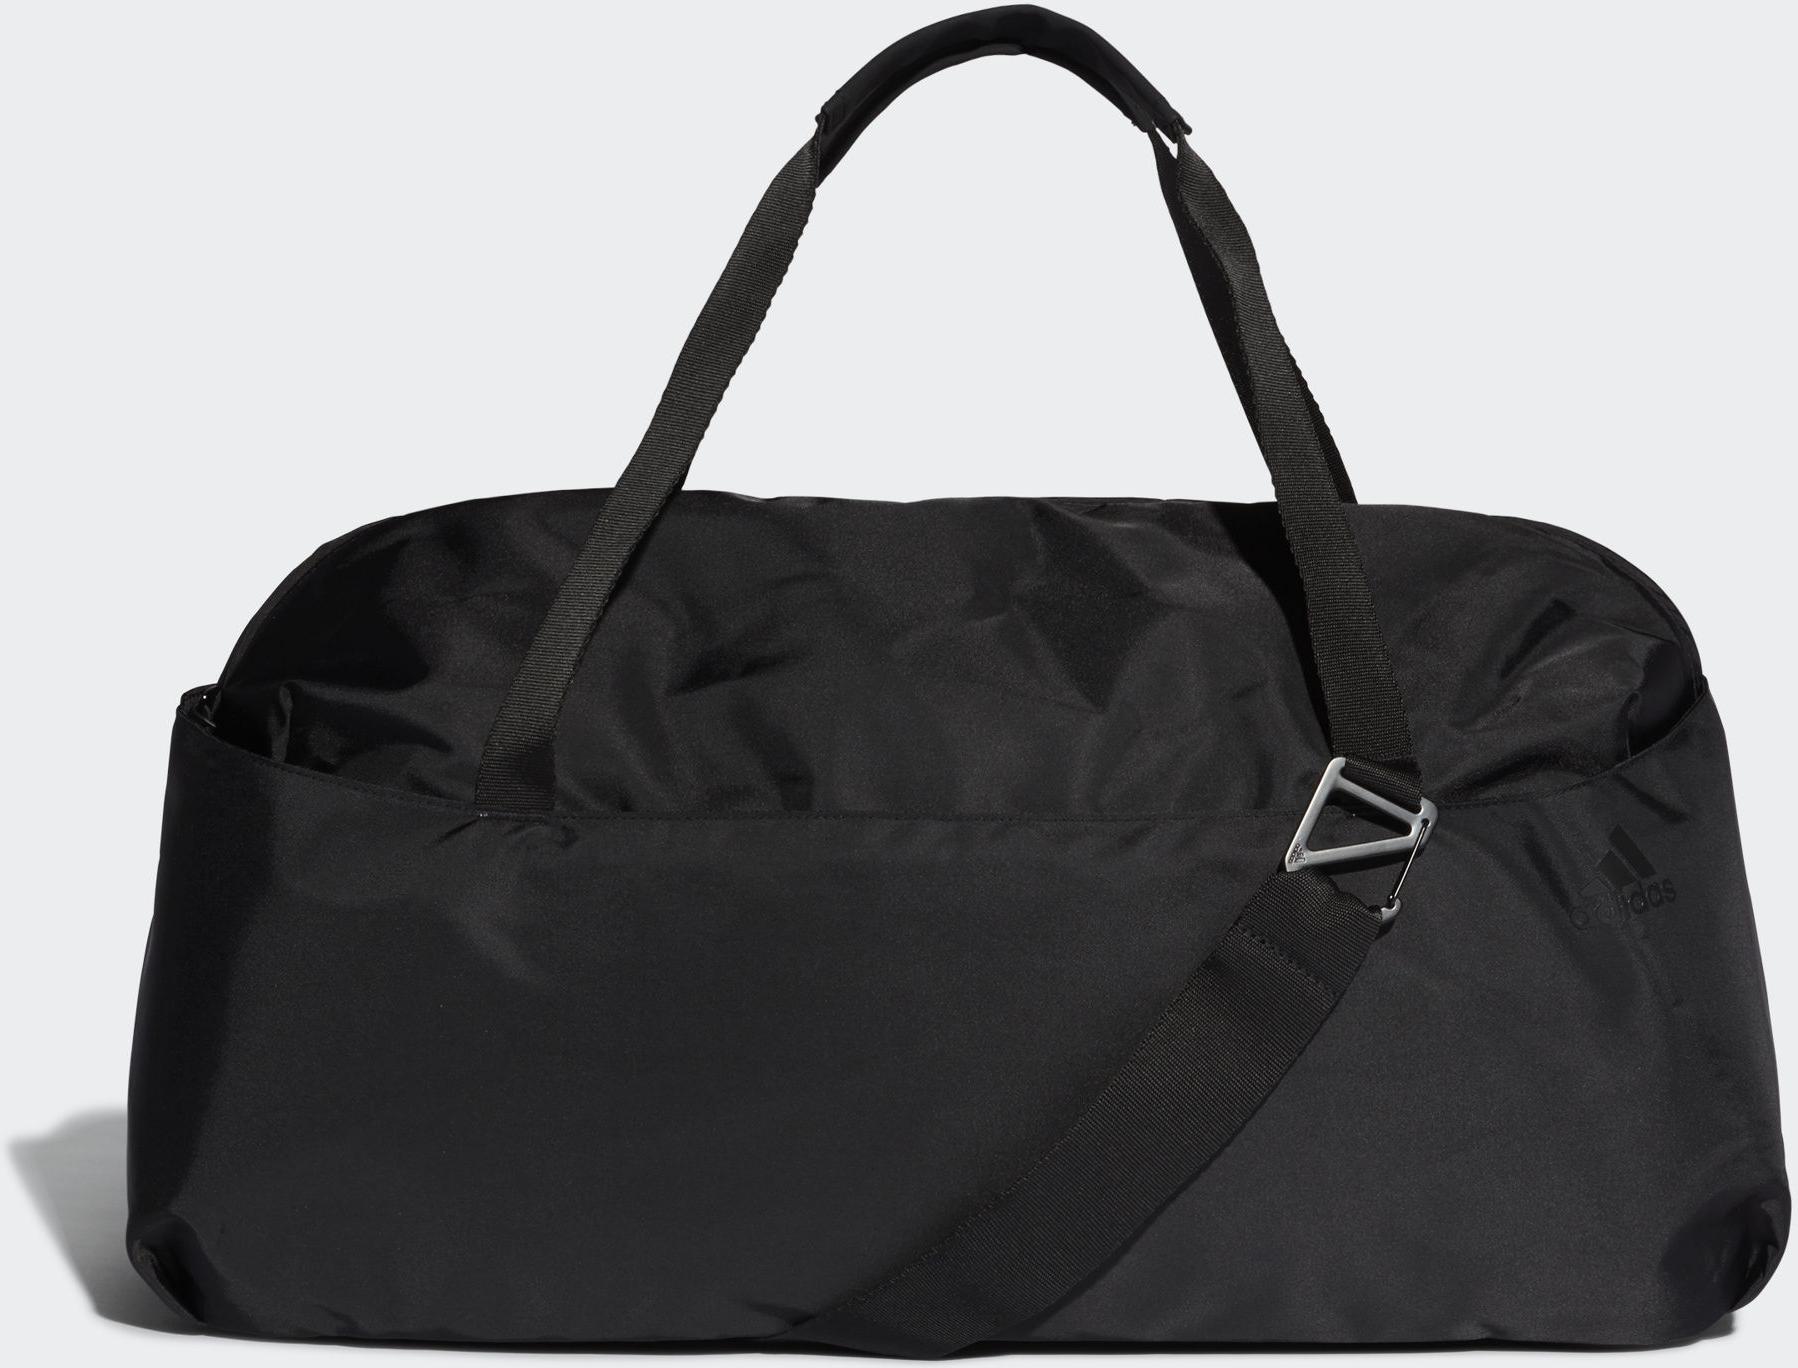 Сумка женская Adidas W Tr Id Duf, цвет: черный. DT4068 свитшот женский adidas w id glory crw цвет черный dp3909 размер l 48 50